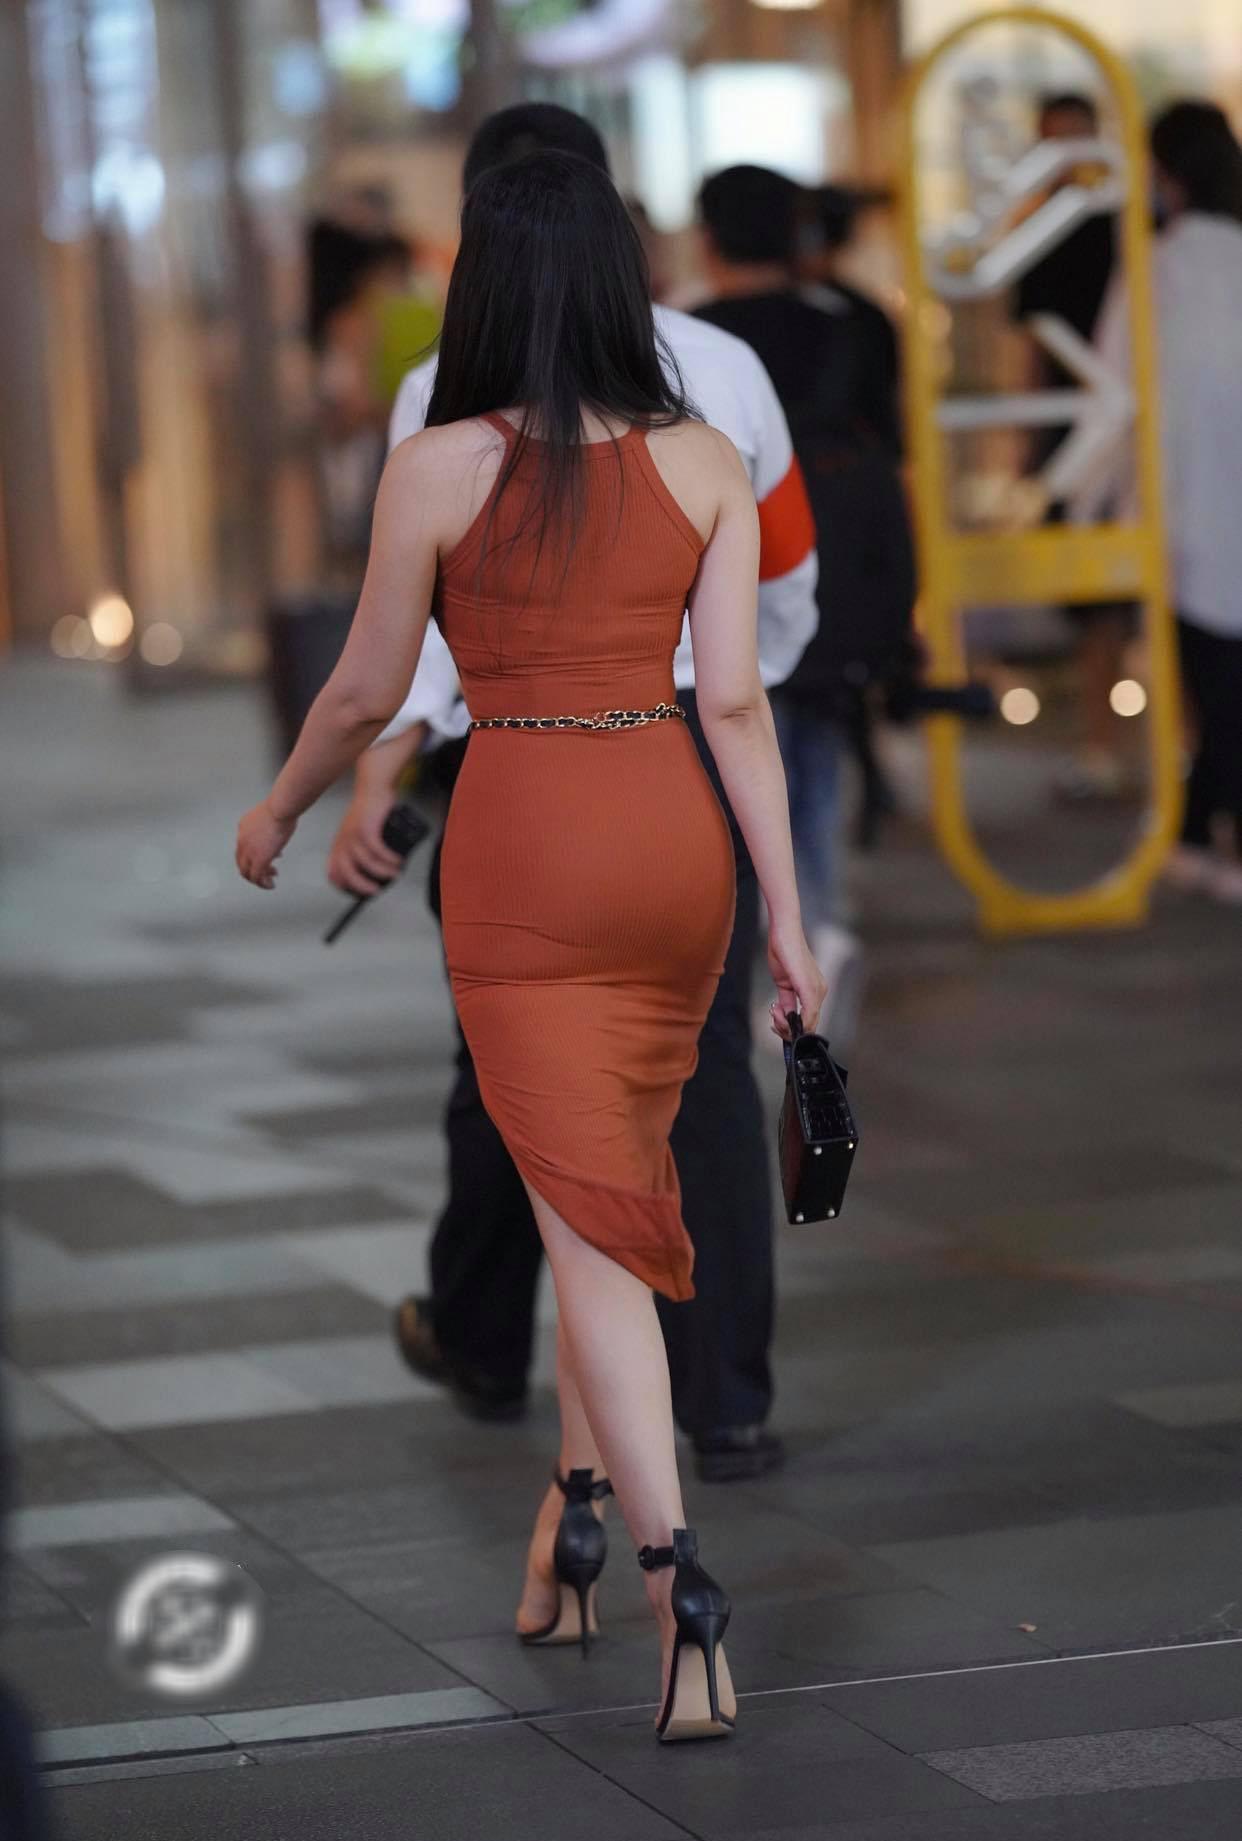 Hot girl đường phố diện đầm body khoe 3 vòng 'căng đét' nhưng biến thành thảm họa vì chọn nội y 'sai bét' - Ảnh 6